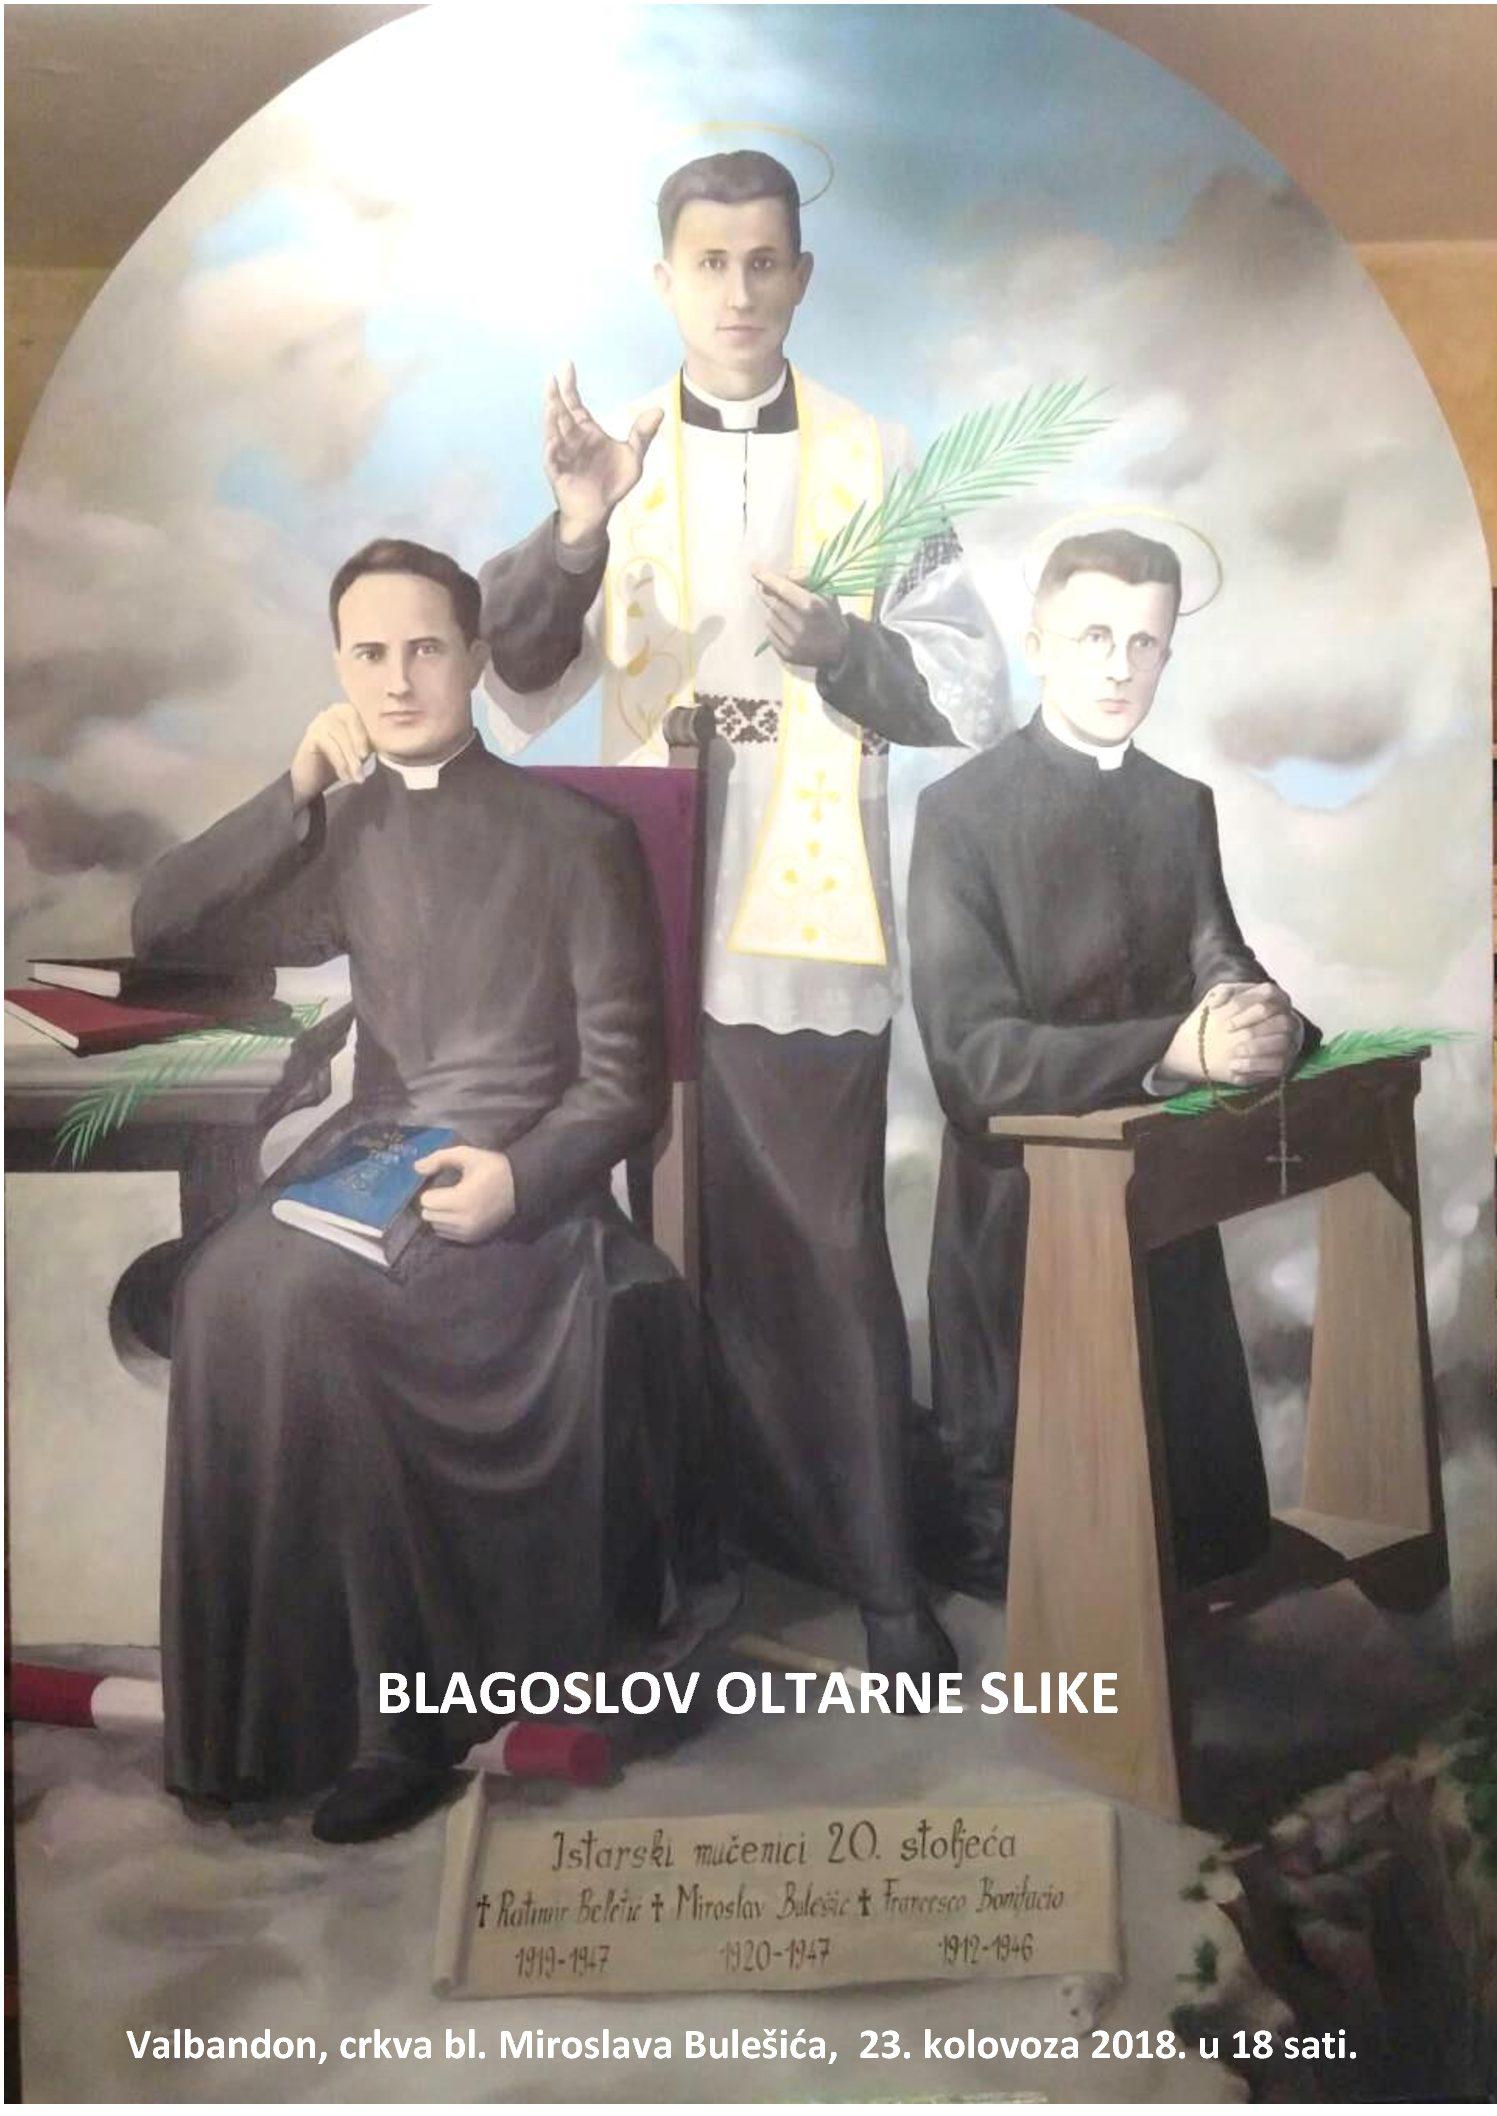 Blagoslov oltarne pale posvećene istarskim mučenicima